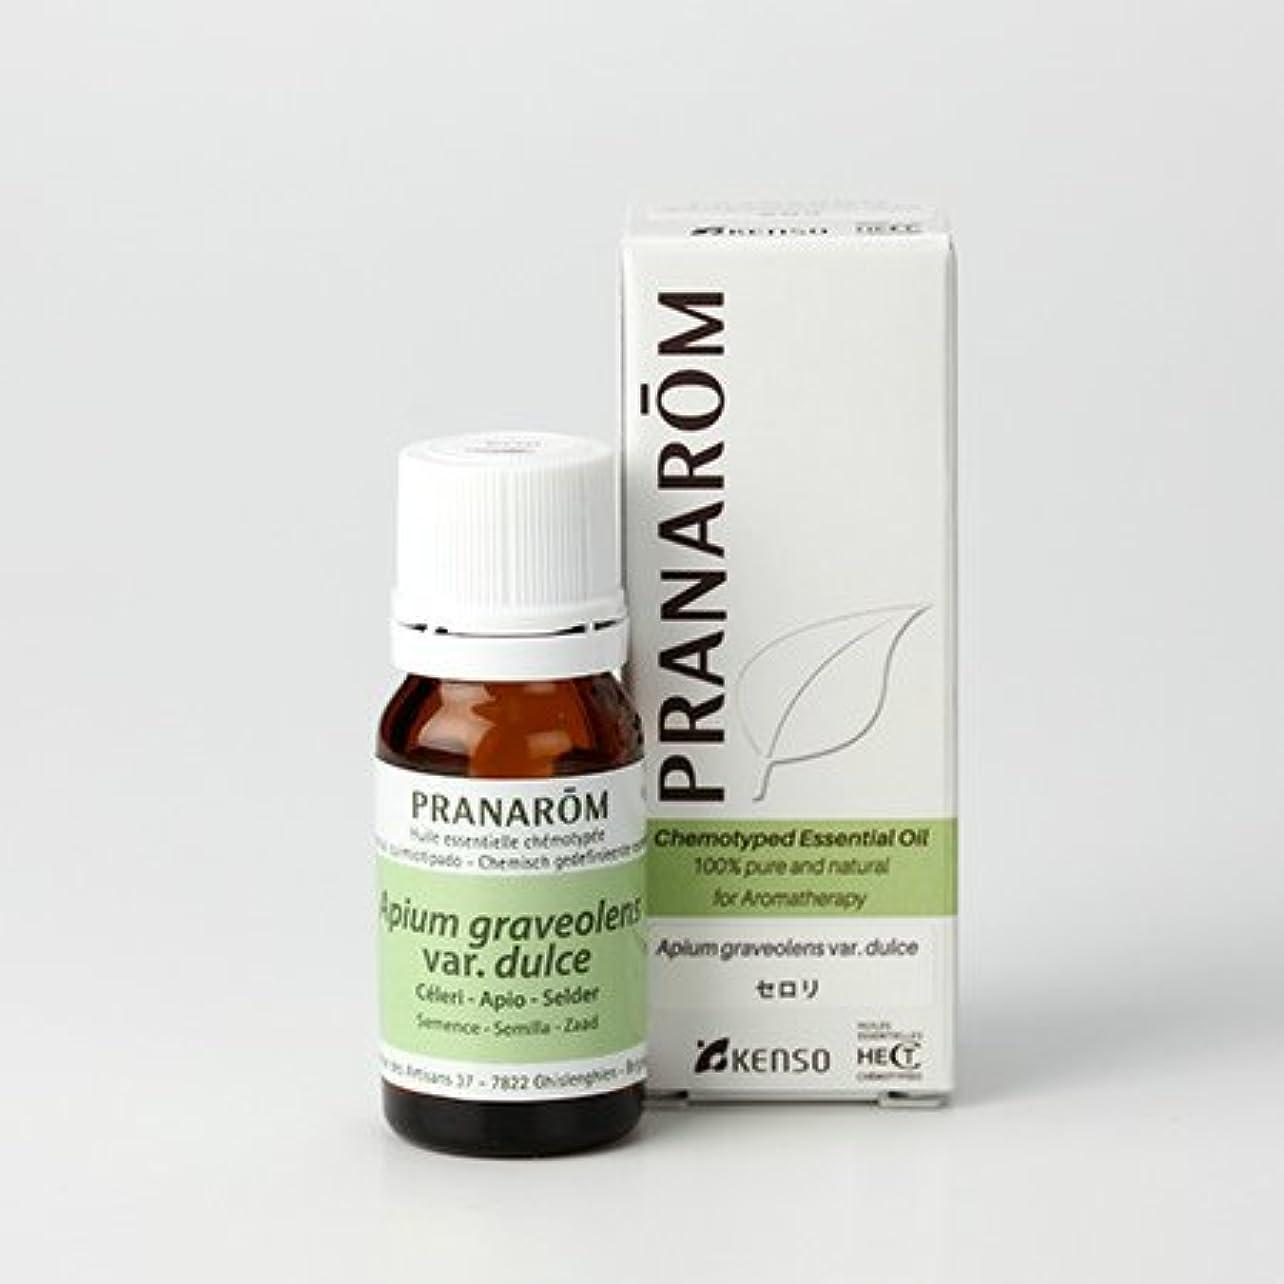 チャーミングラフ睡眠人質プラナロム セロリ 10ml (PRANAROM ケモタイプ精油)